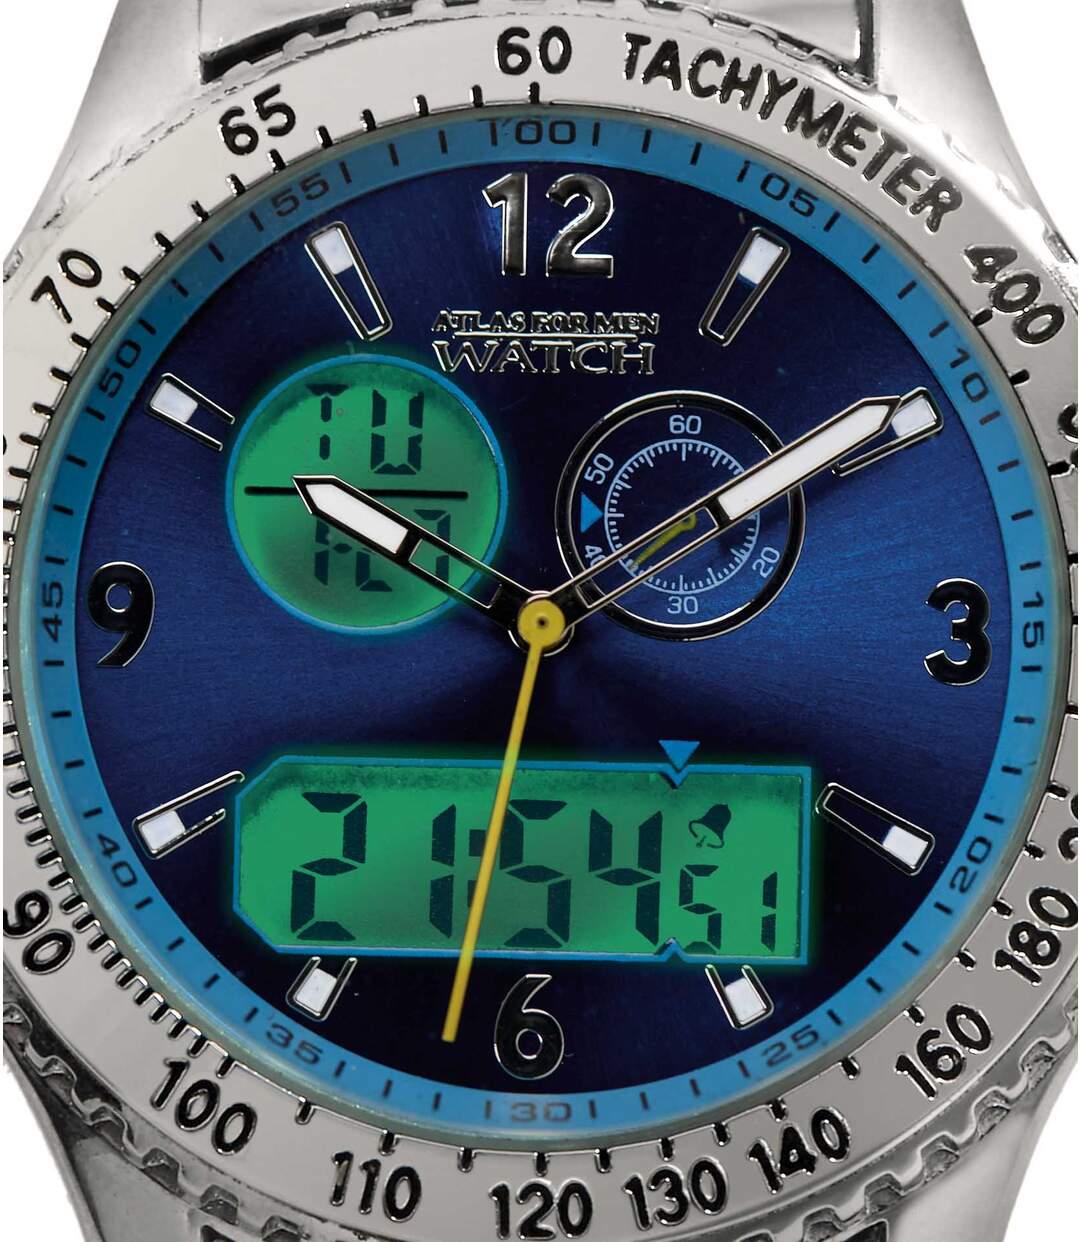 Horloge met dubbele tijdsaanduiding